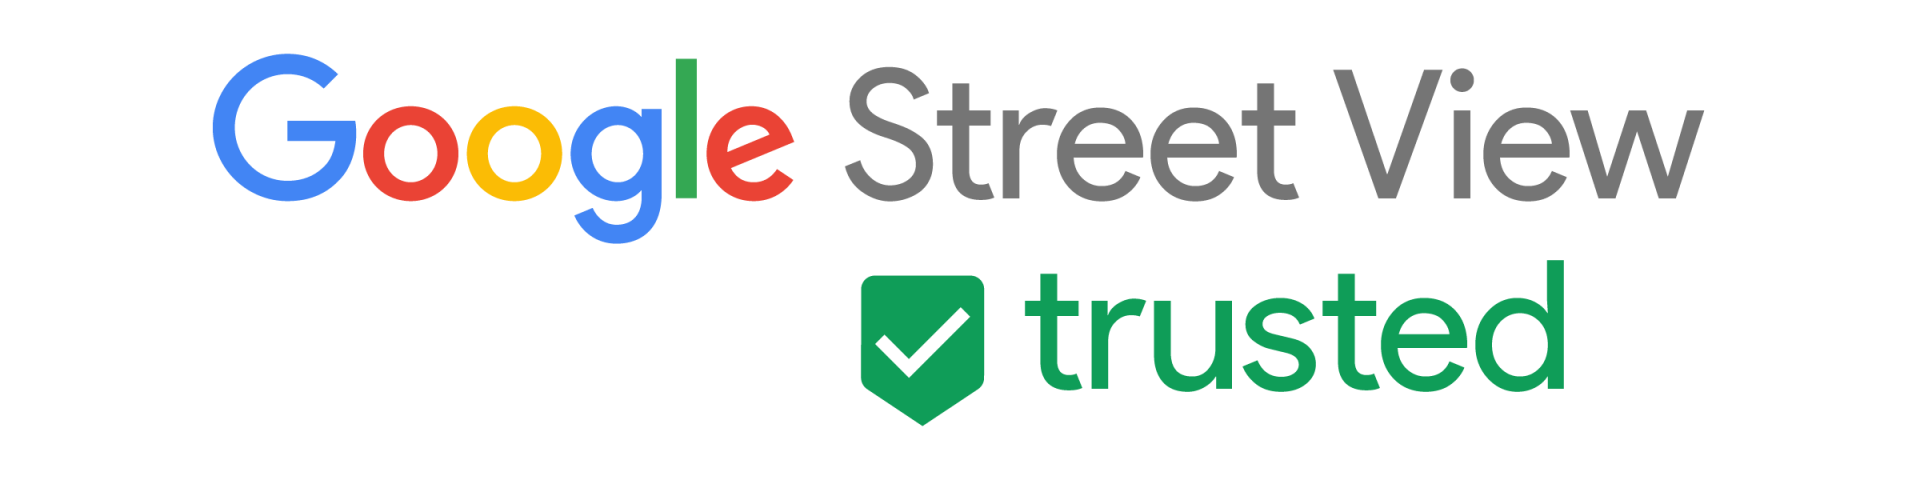 愛媛のGoogleストリートビュー